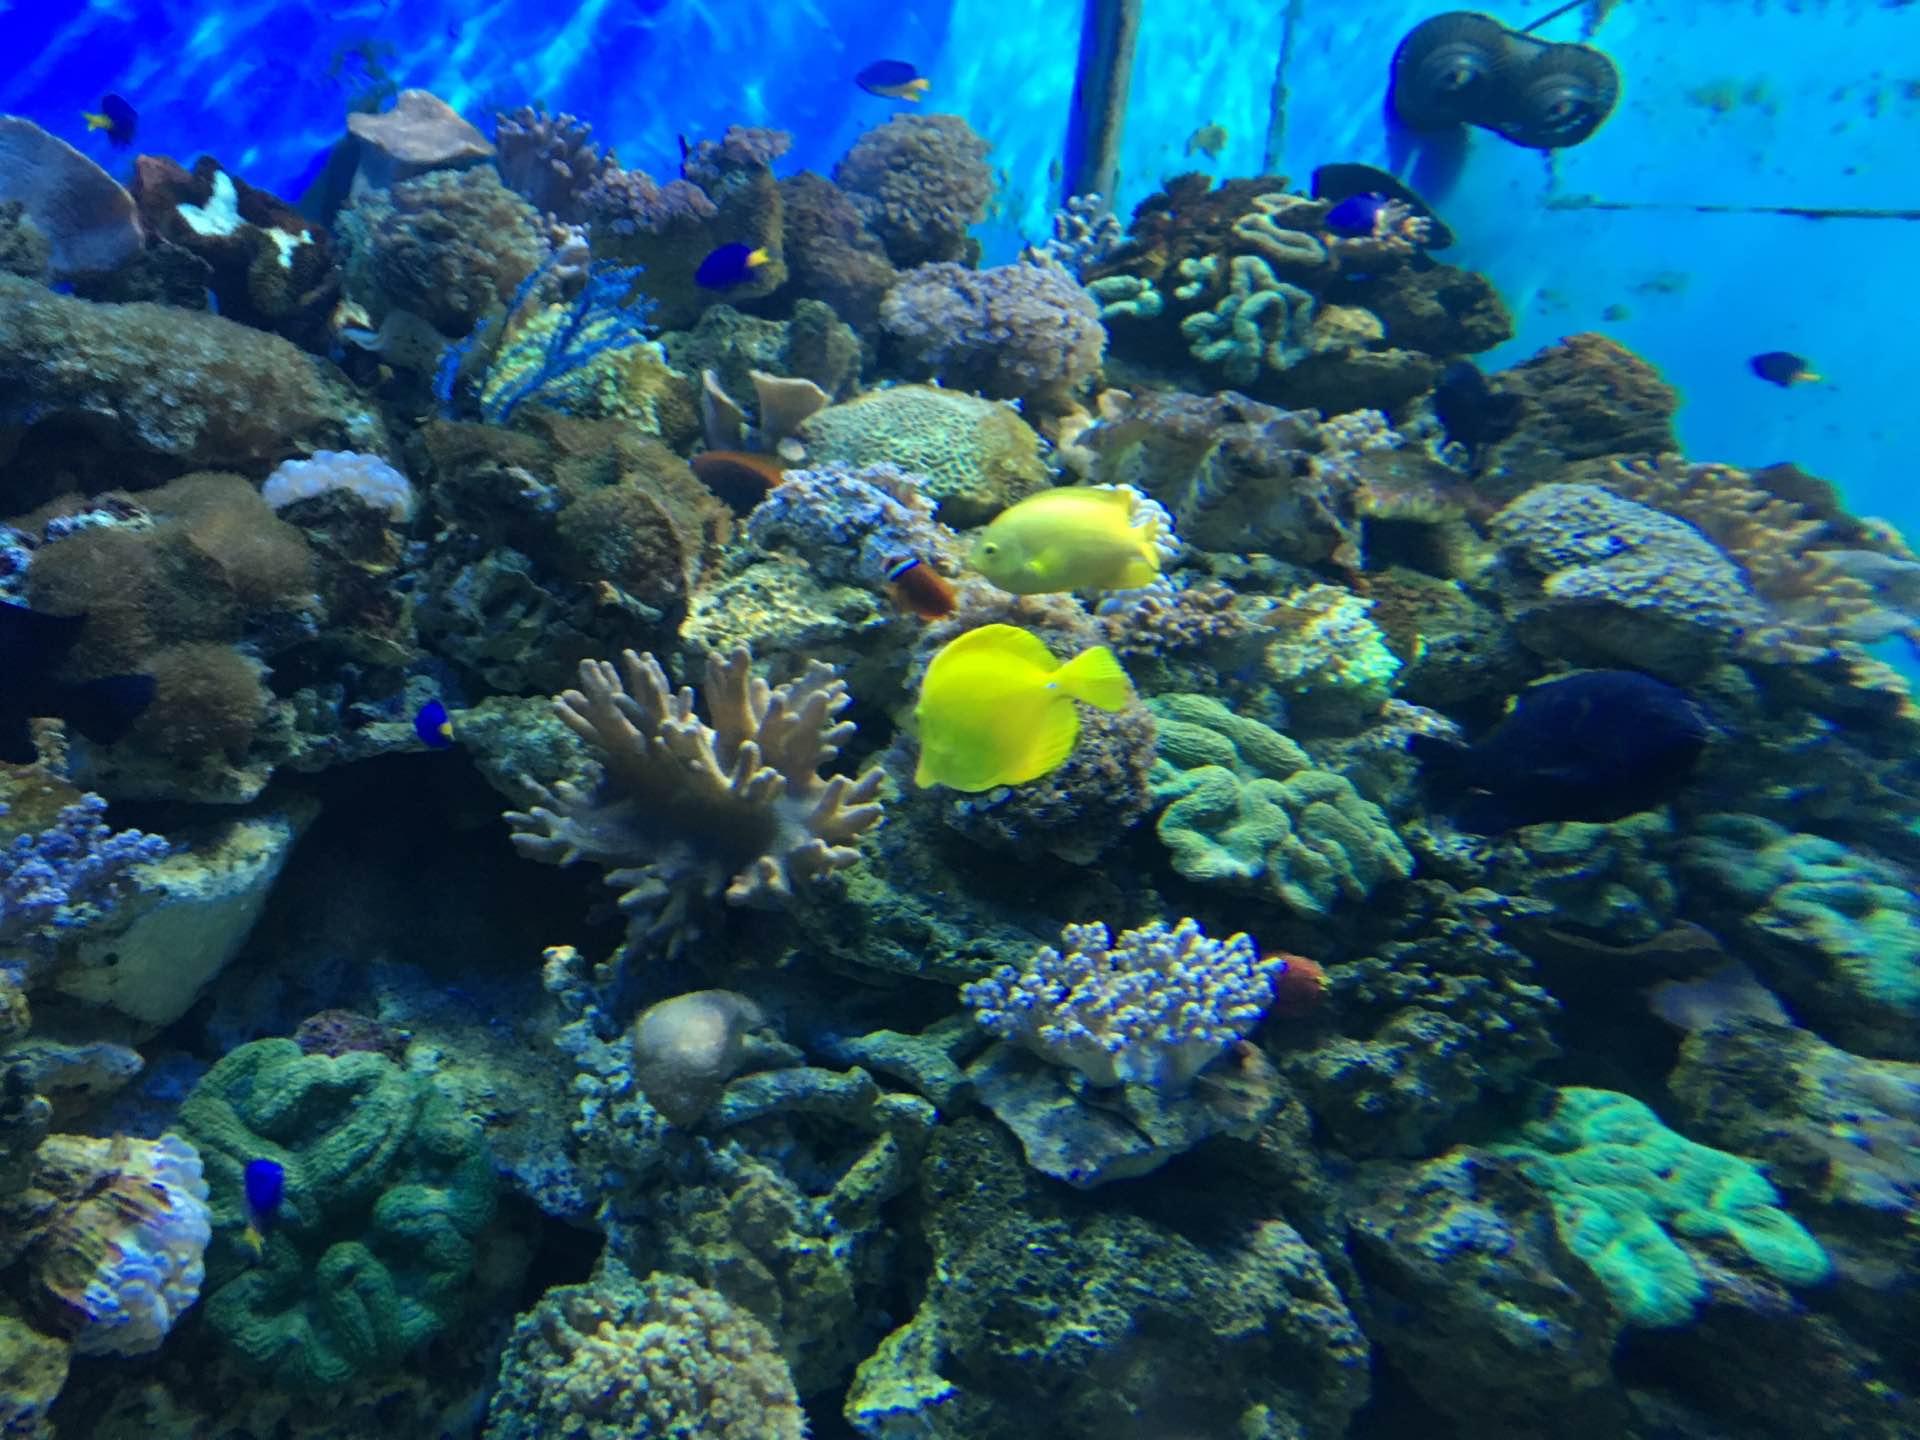 北京富国海底世界 + 成人票(含俄罗斯美人鱼和海狮表演)图片